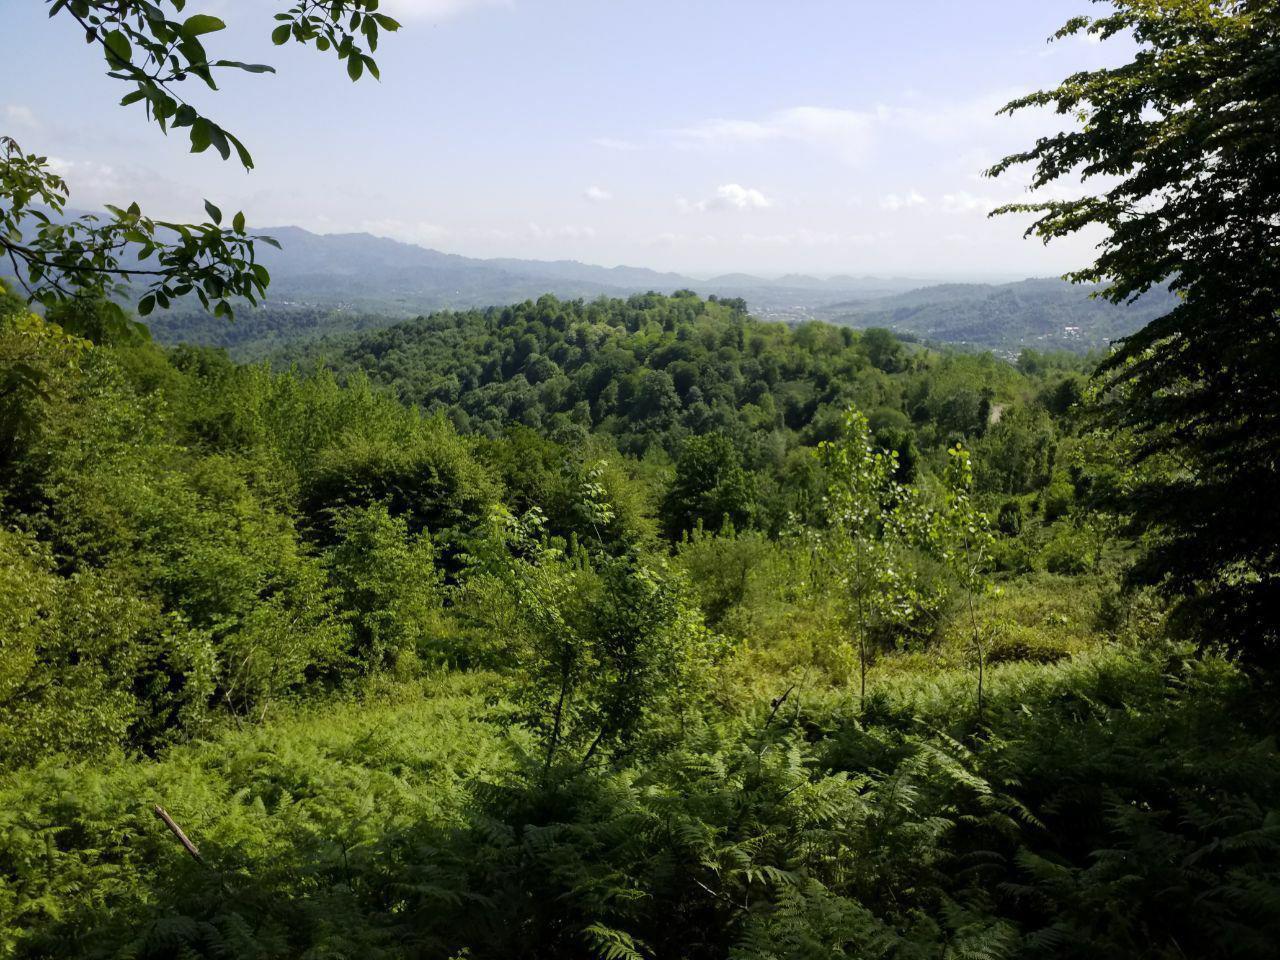 فروش زمین جنگلی 7000 متر اطاقور